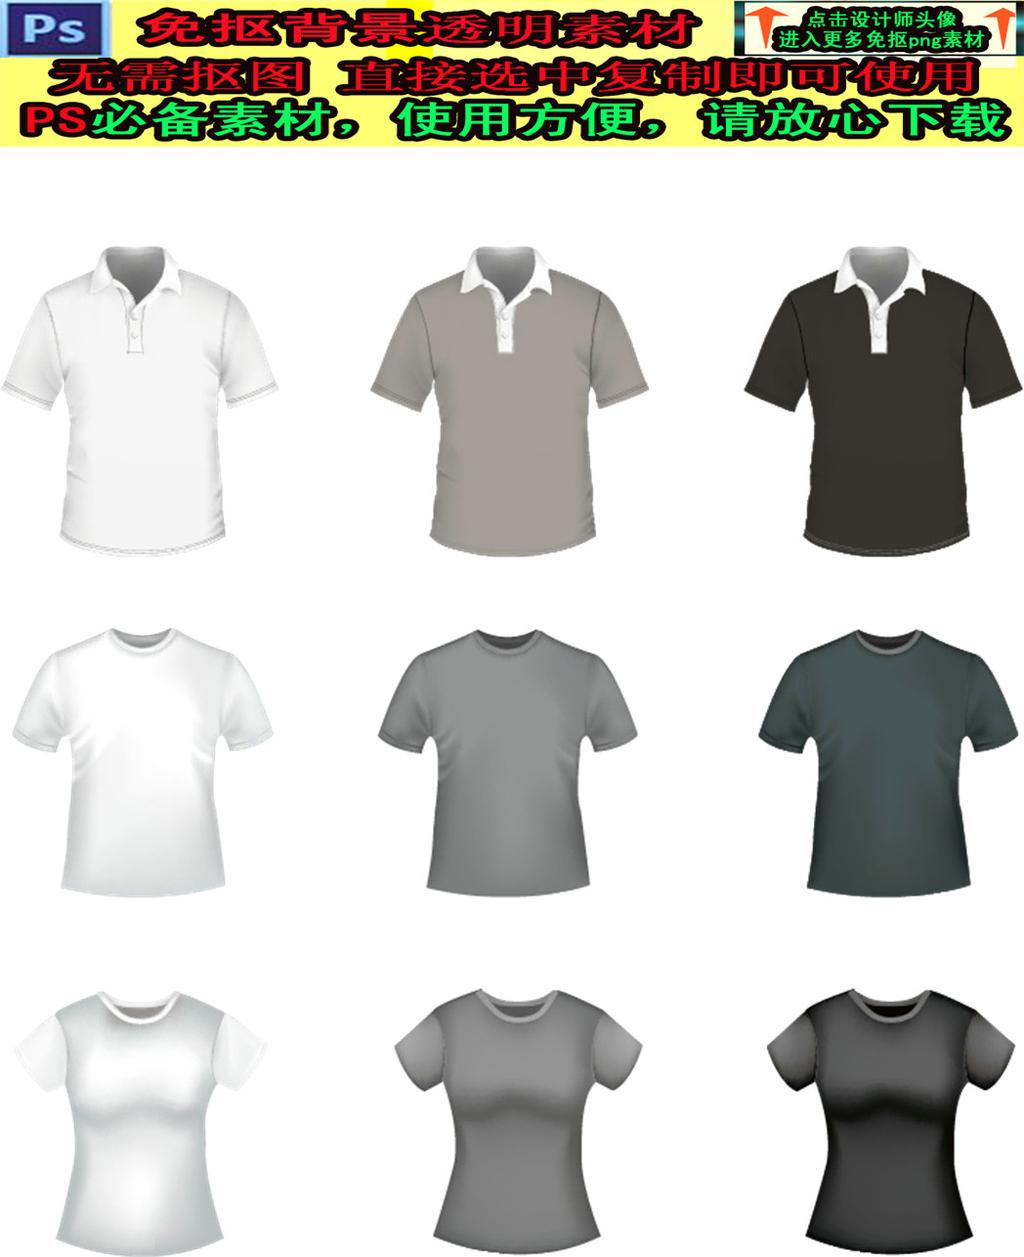 纯白t恤正后面图片白色短袖t恤设计图